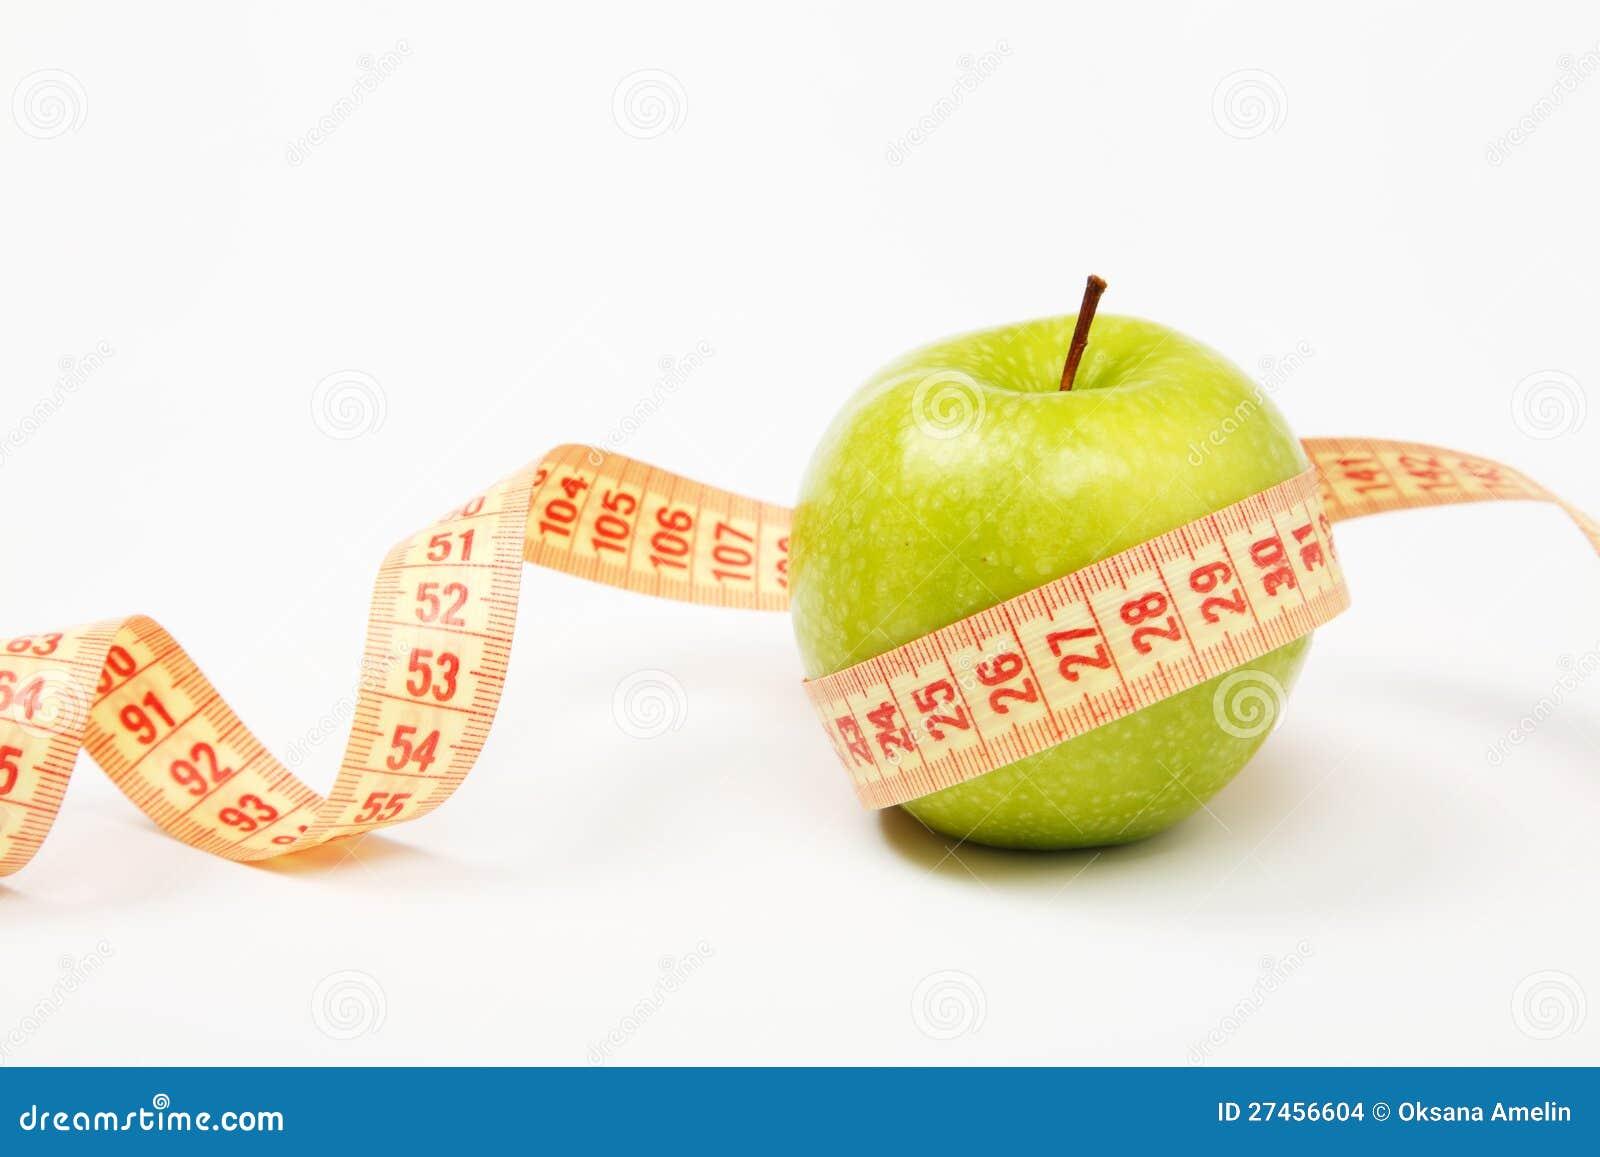 Яблоко и лента измерения